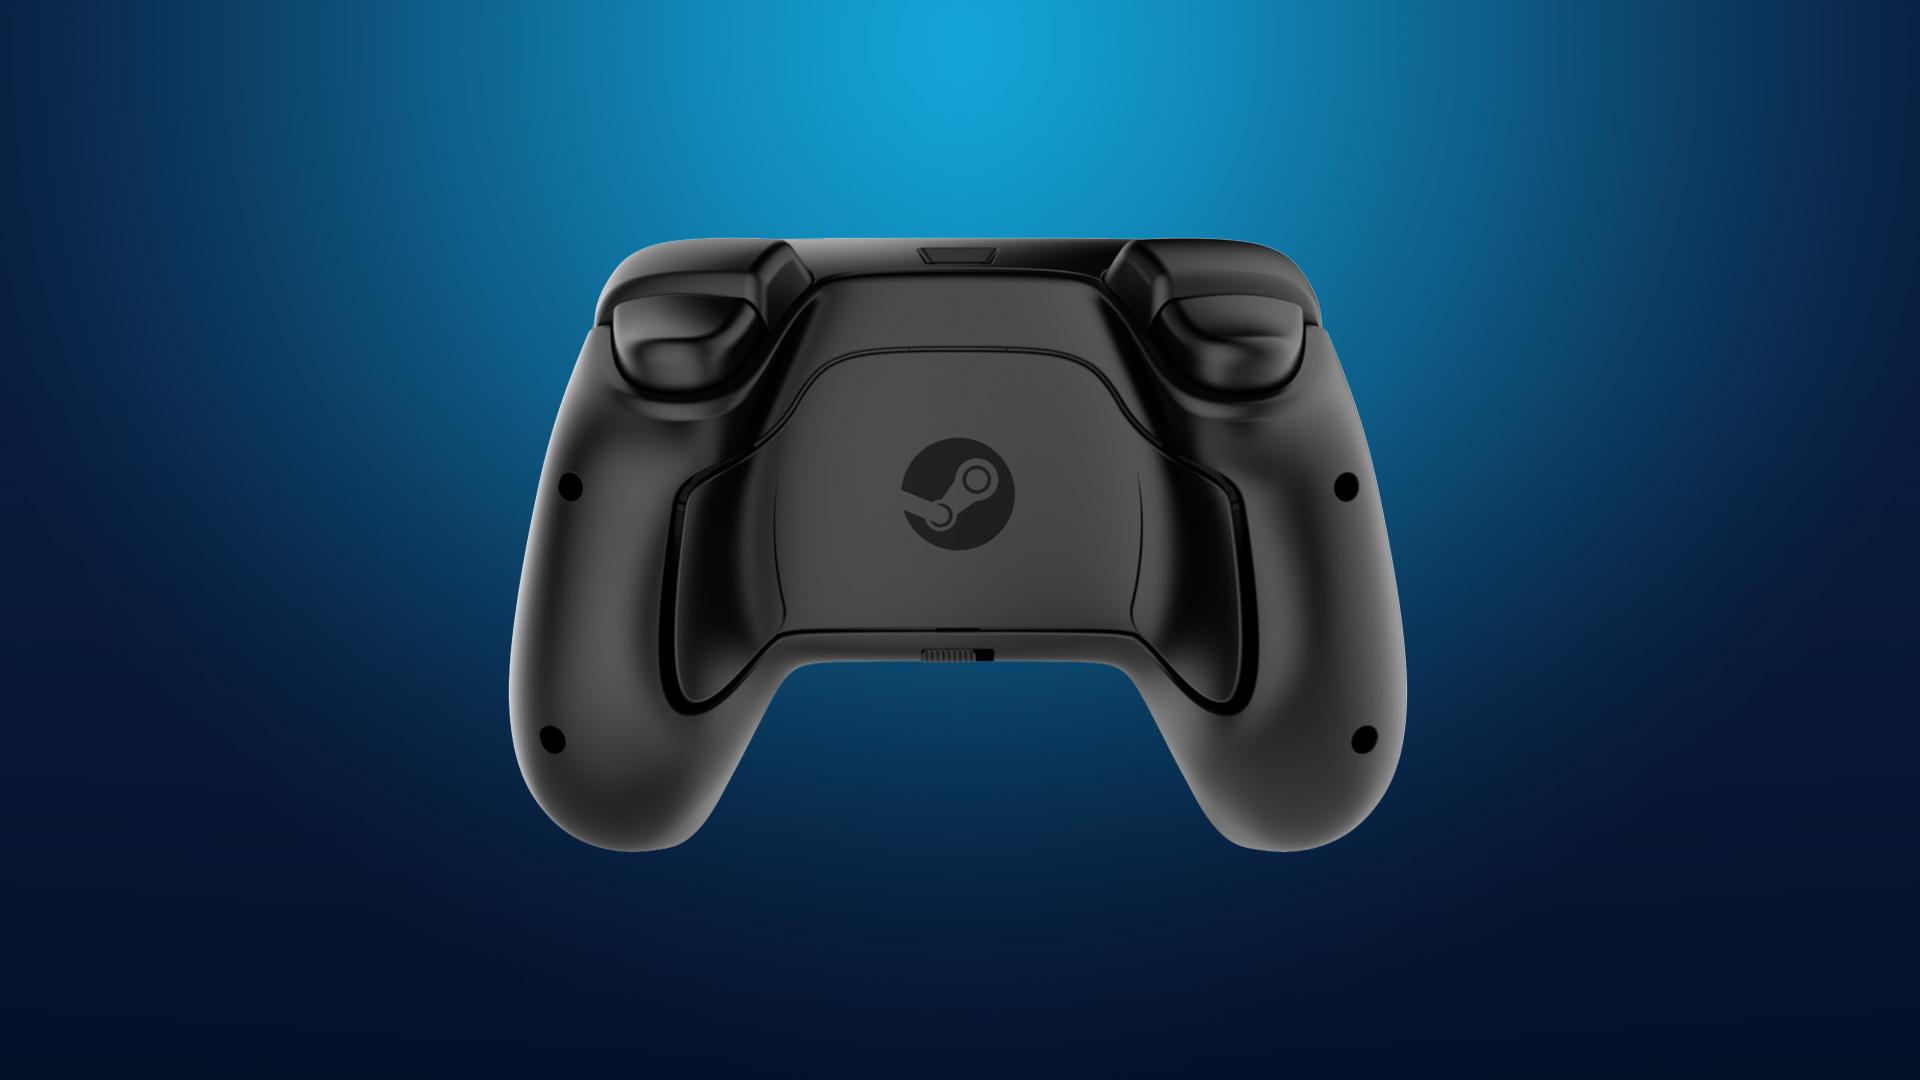 Steam Controller entra em pré-venda, conheça tudo sobre essa novidade